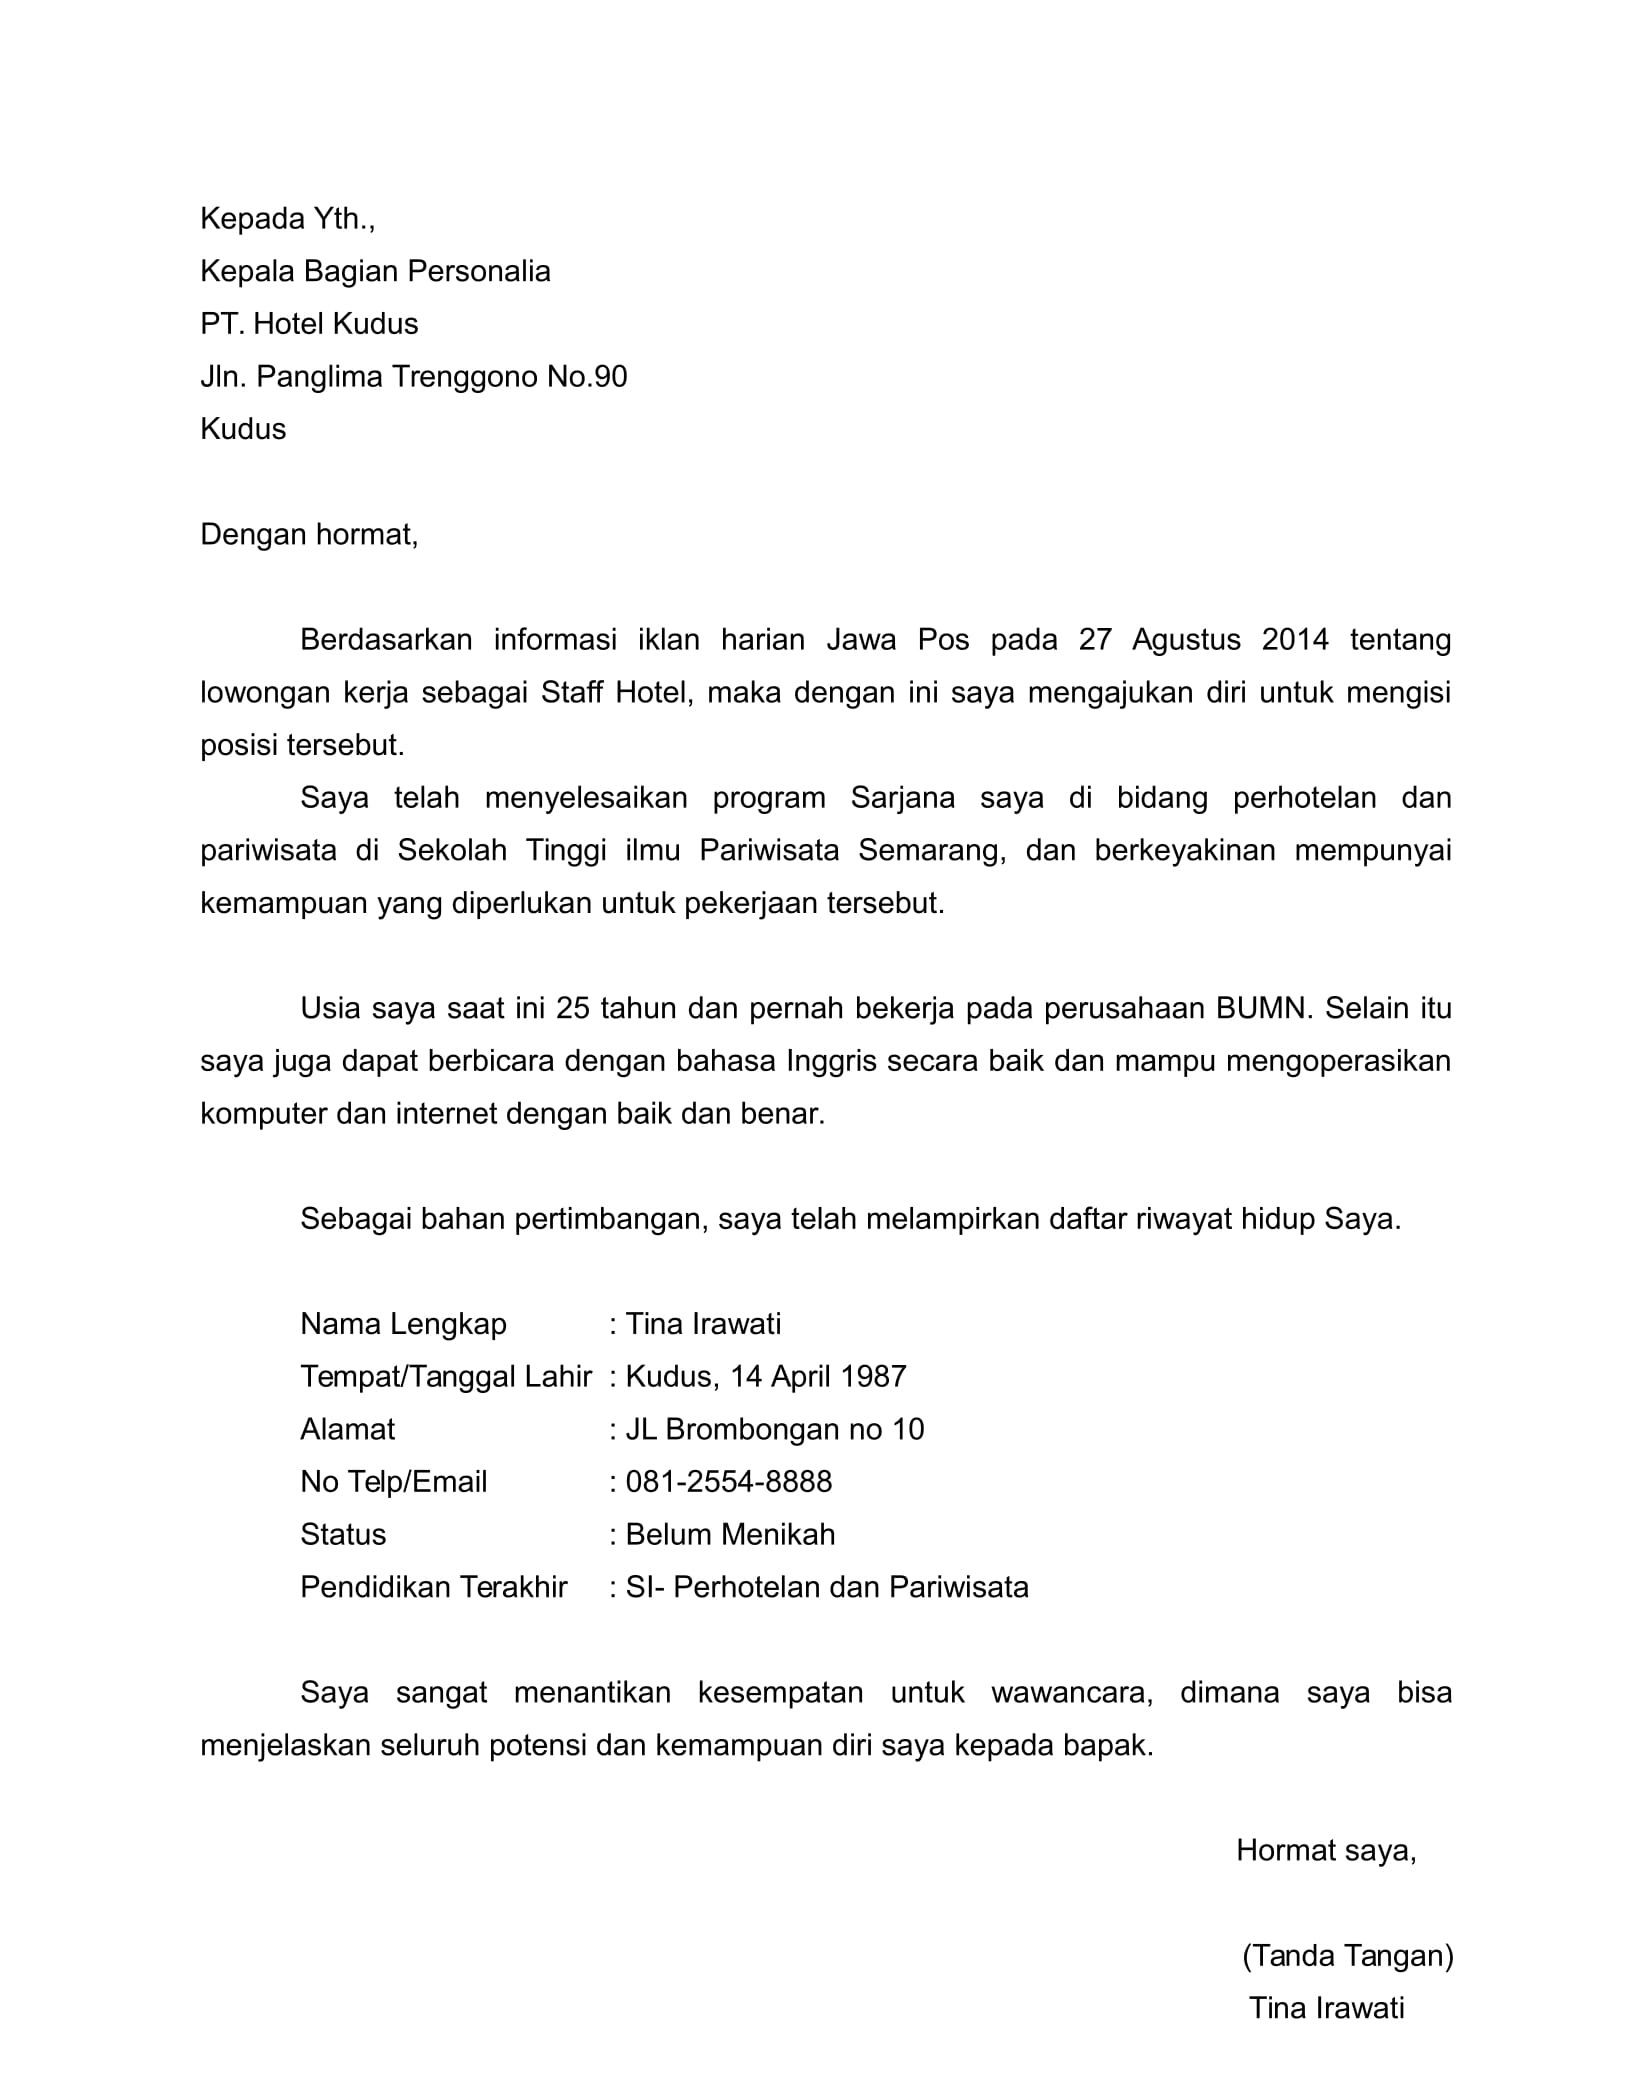 Contoh Surat Lamaran Pekerjaan Berdasarkan Iklan Jawa Pos Id Lif Co Id